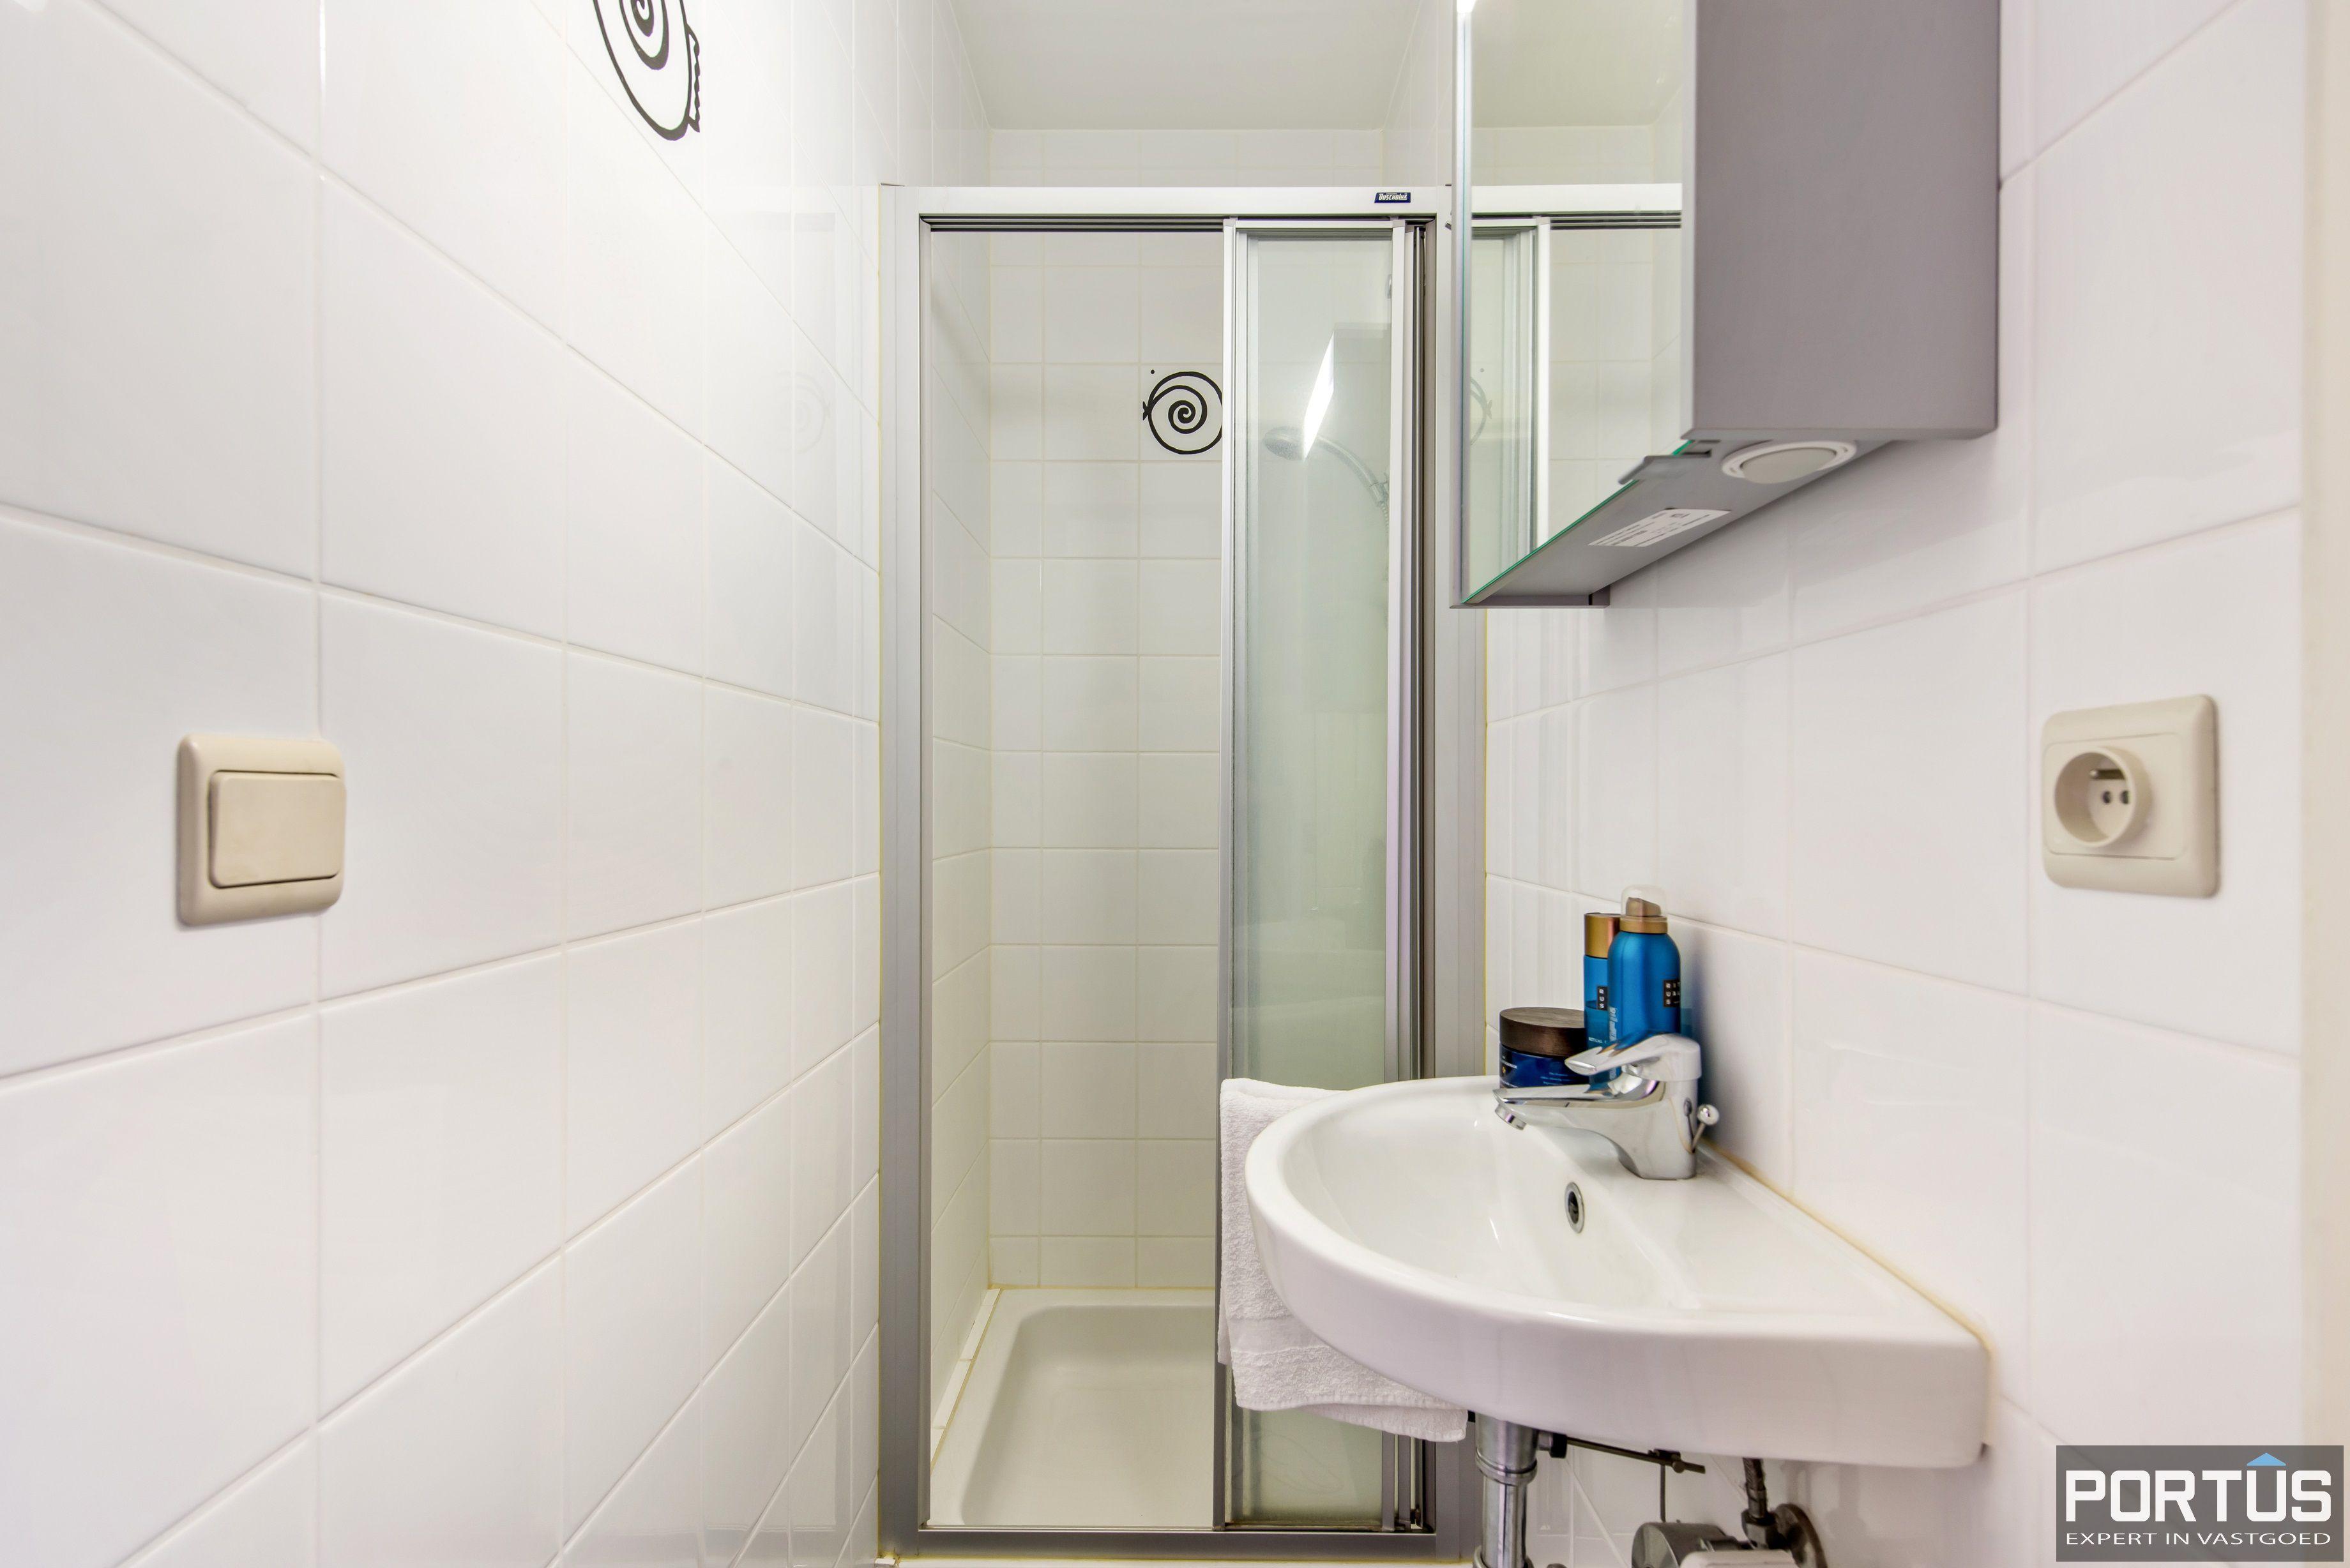 Instapklare duplex met 2 slaapkamers te koop te Nieuwpoort - 10856